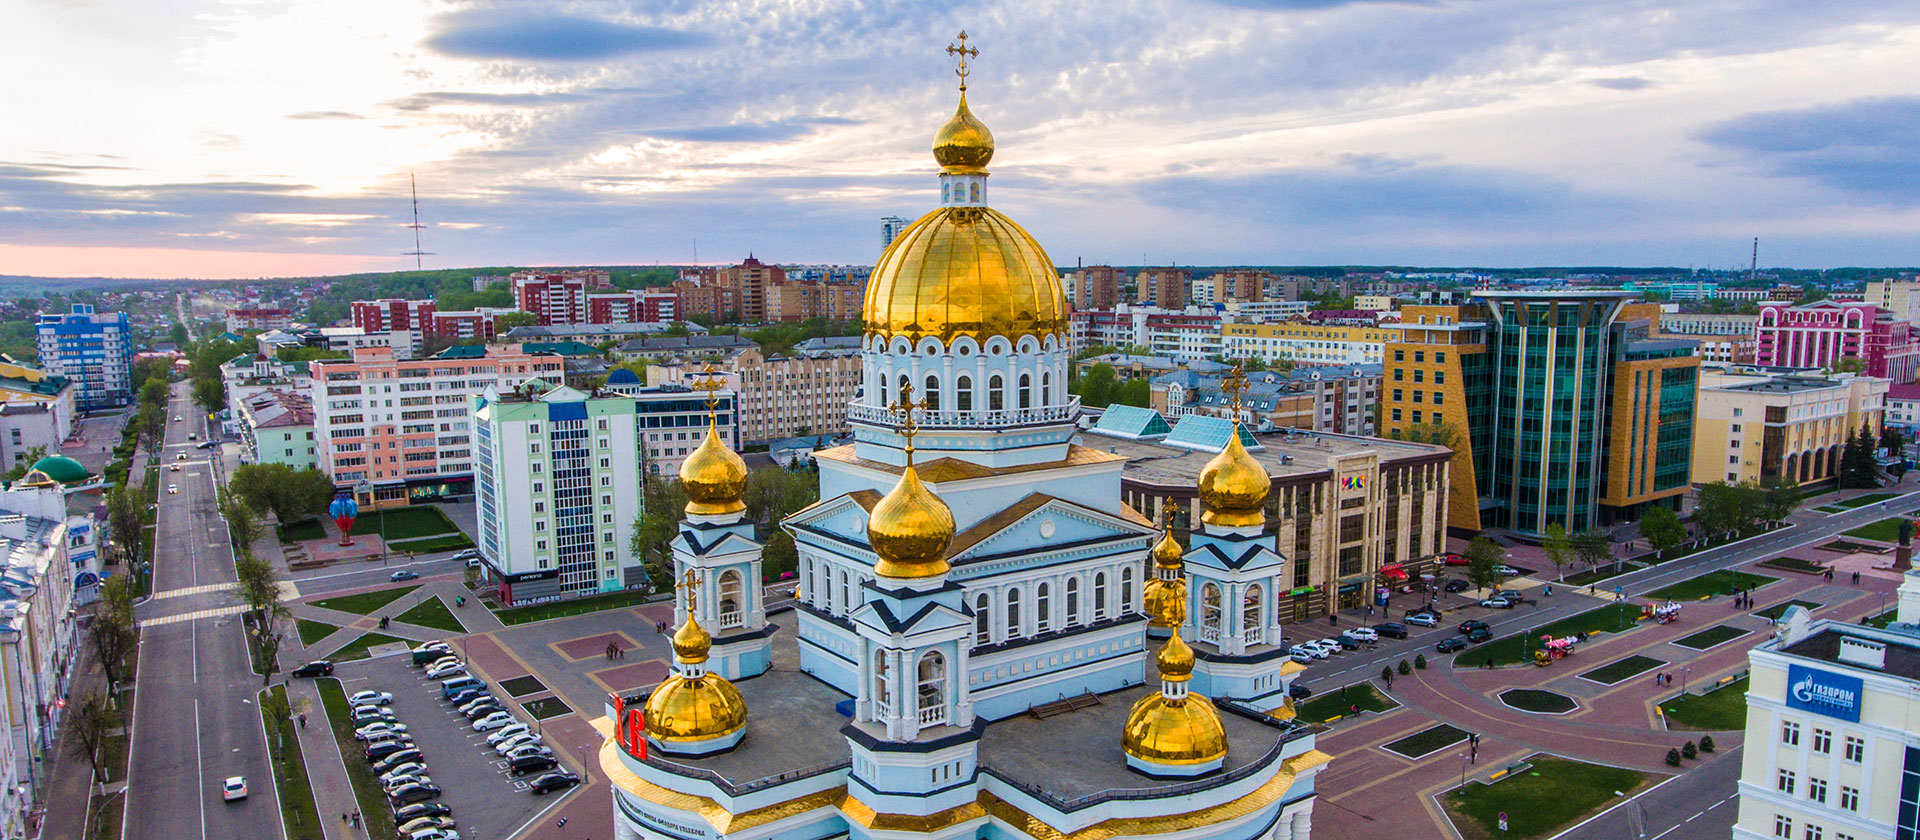 Мероприятия в Нижнем Новгороде во время Чемпионата Мира по футболу 2018 в России